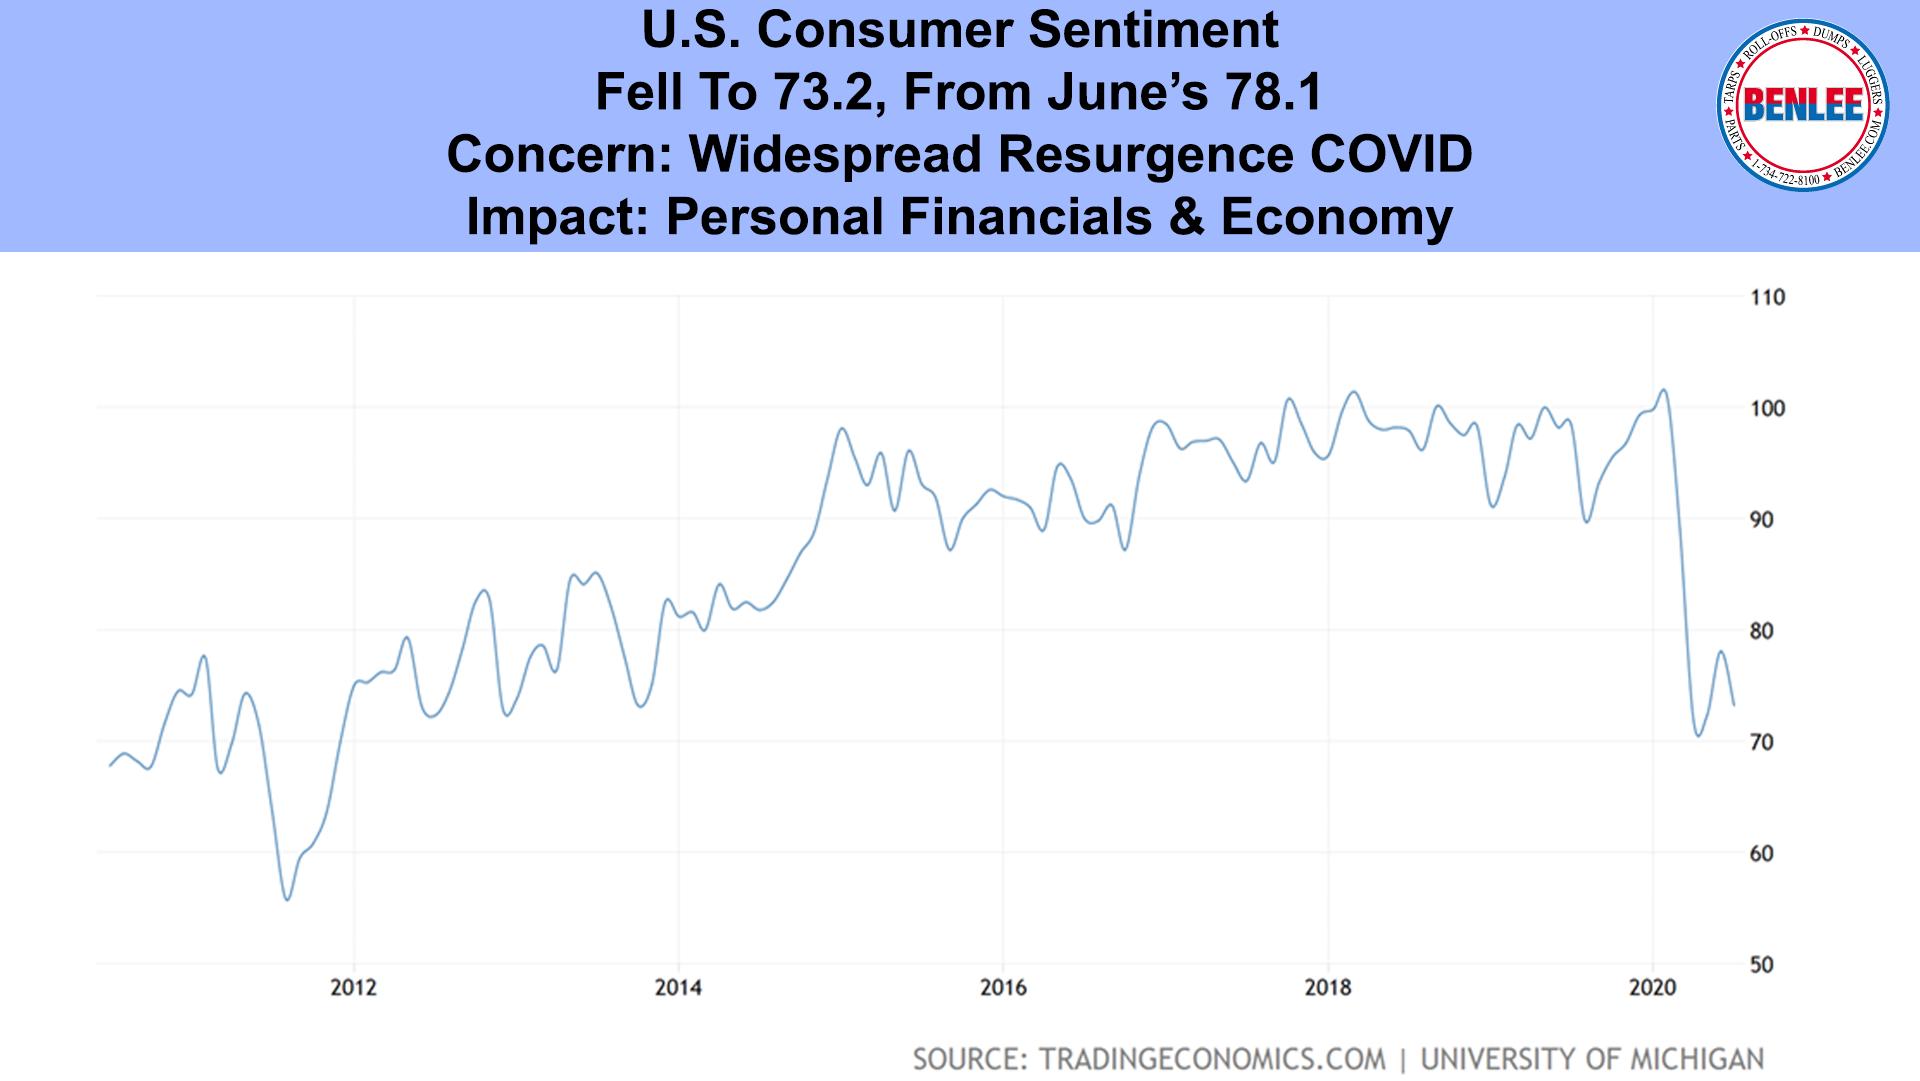 U.S. Consumer Sentiment